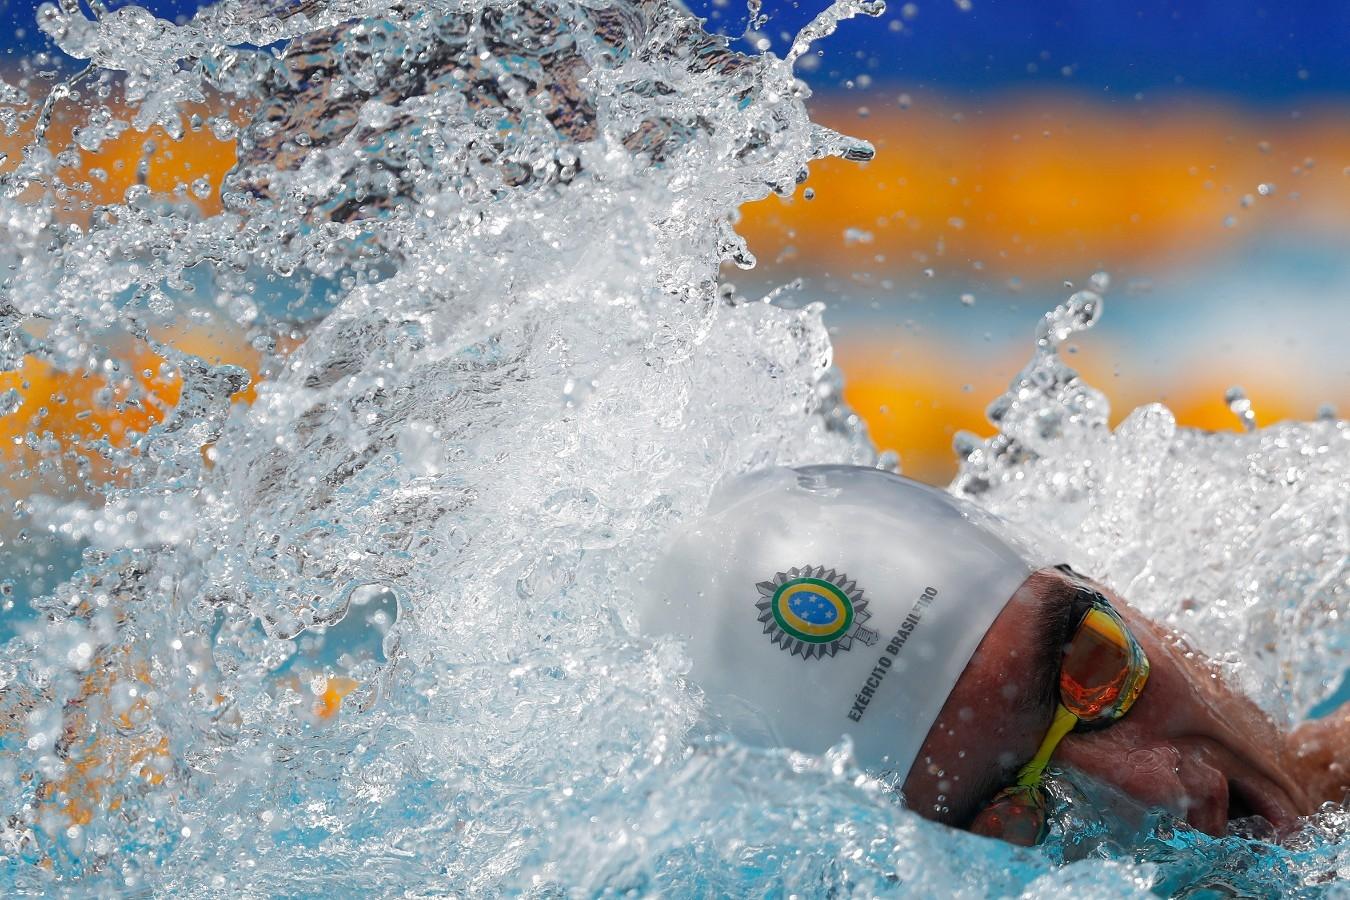 Luiz Altamir. Troféu Brasil de Natacao no Parque Aquatico Maria Lenk. 17 de Abril de 2018. Rio de Janeiro, RJ, Brasil. Foto: Satiro Sodré/SSPress/CBDA